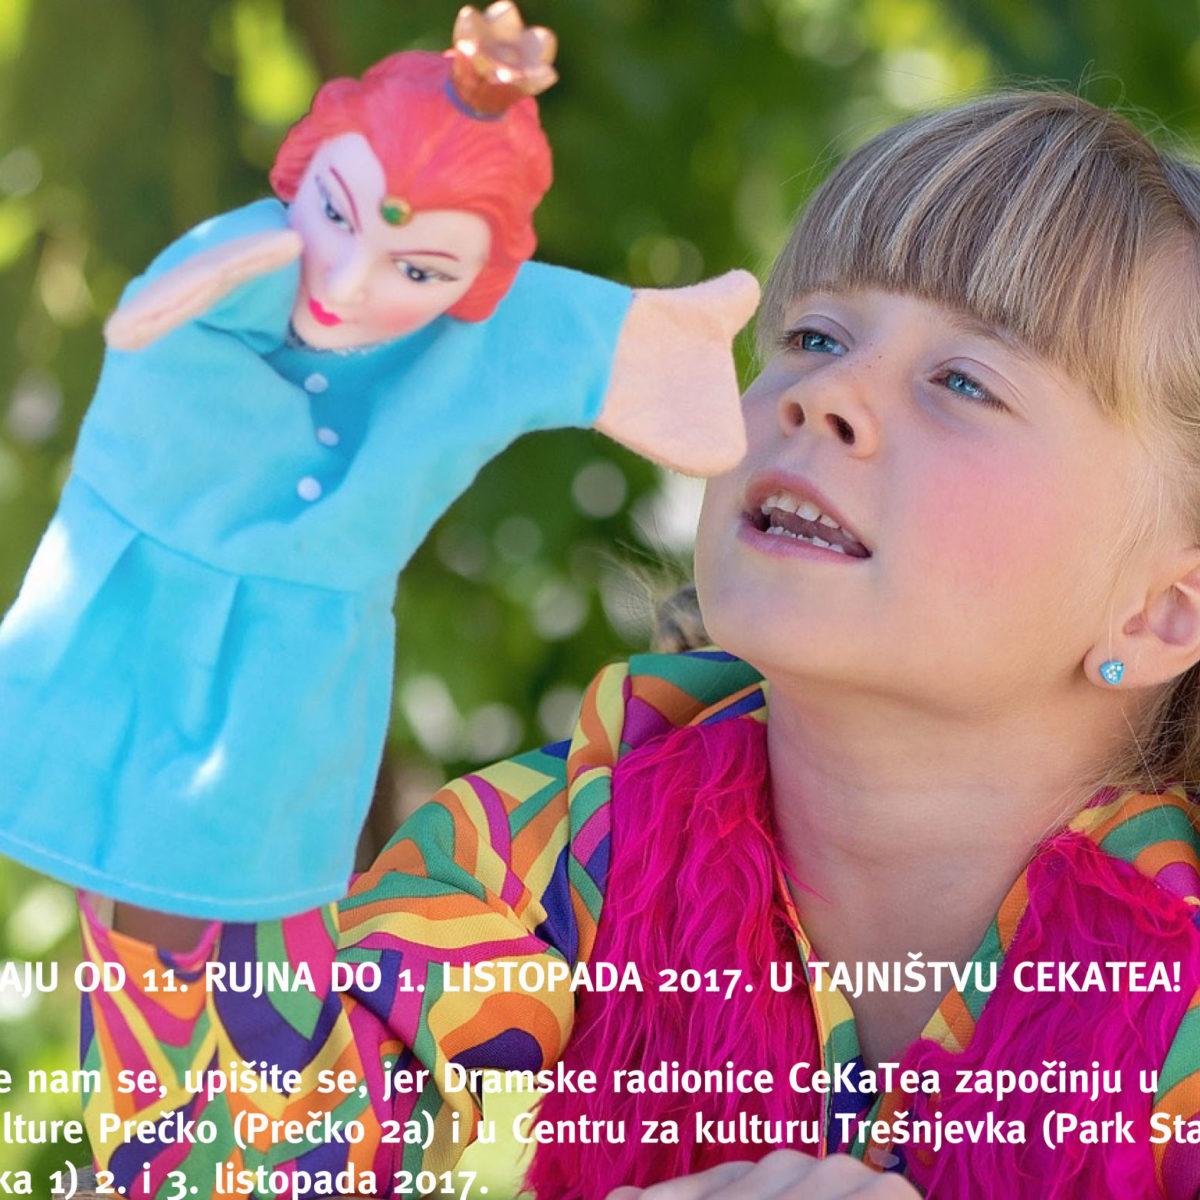 UPISI U LUTKARSKU RADIONICU CekaTea / radionice u Prečkom i Centru za kulturu Trešnjevka